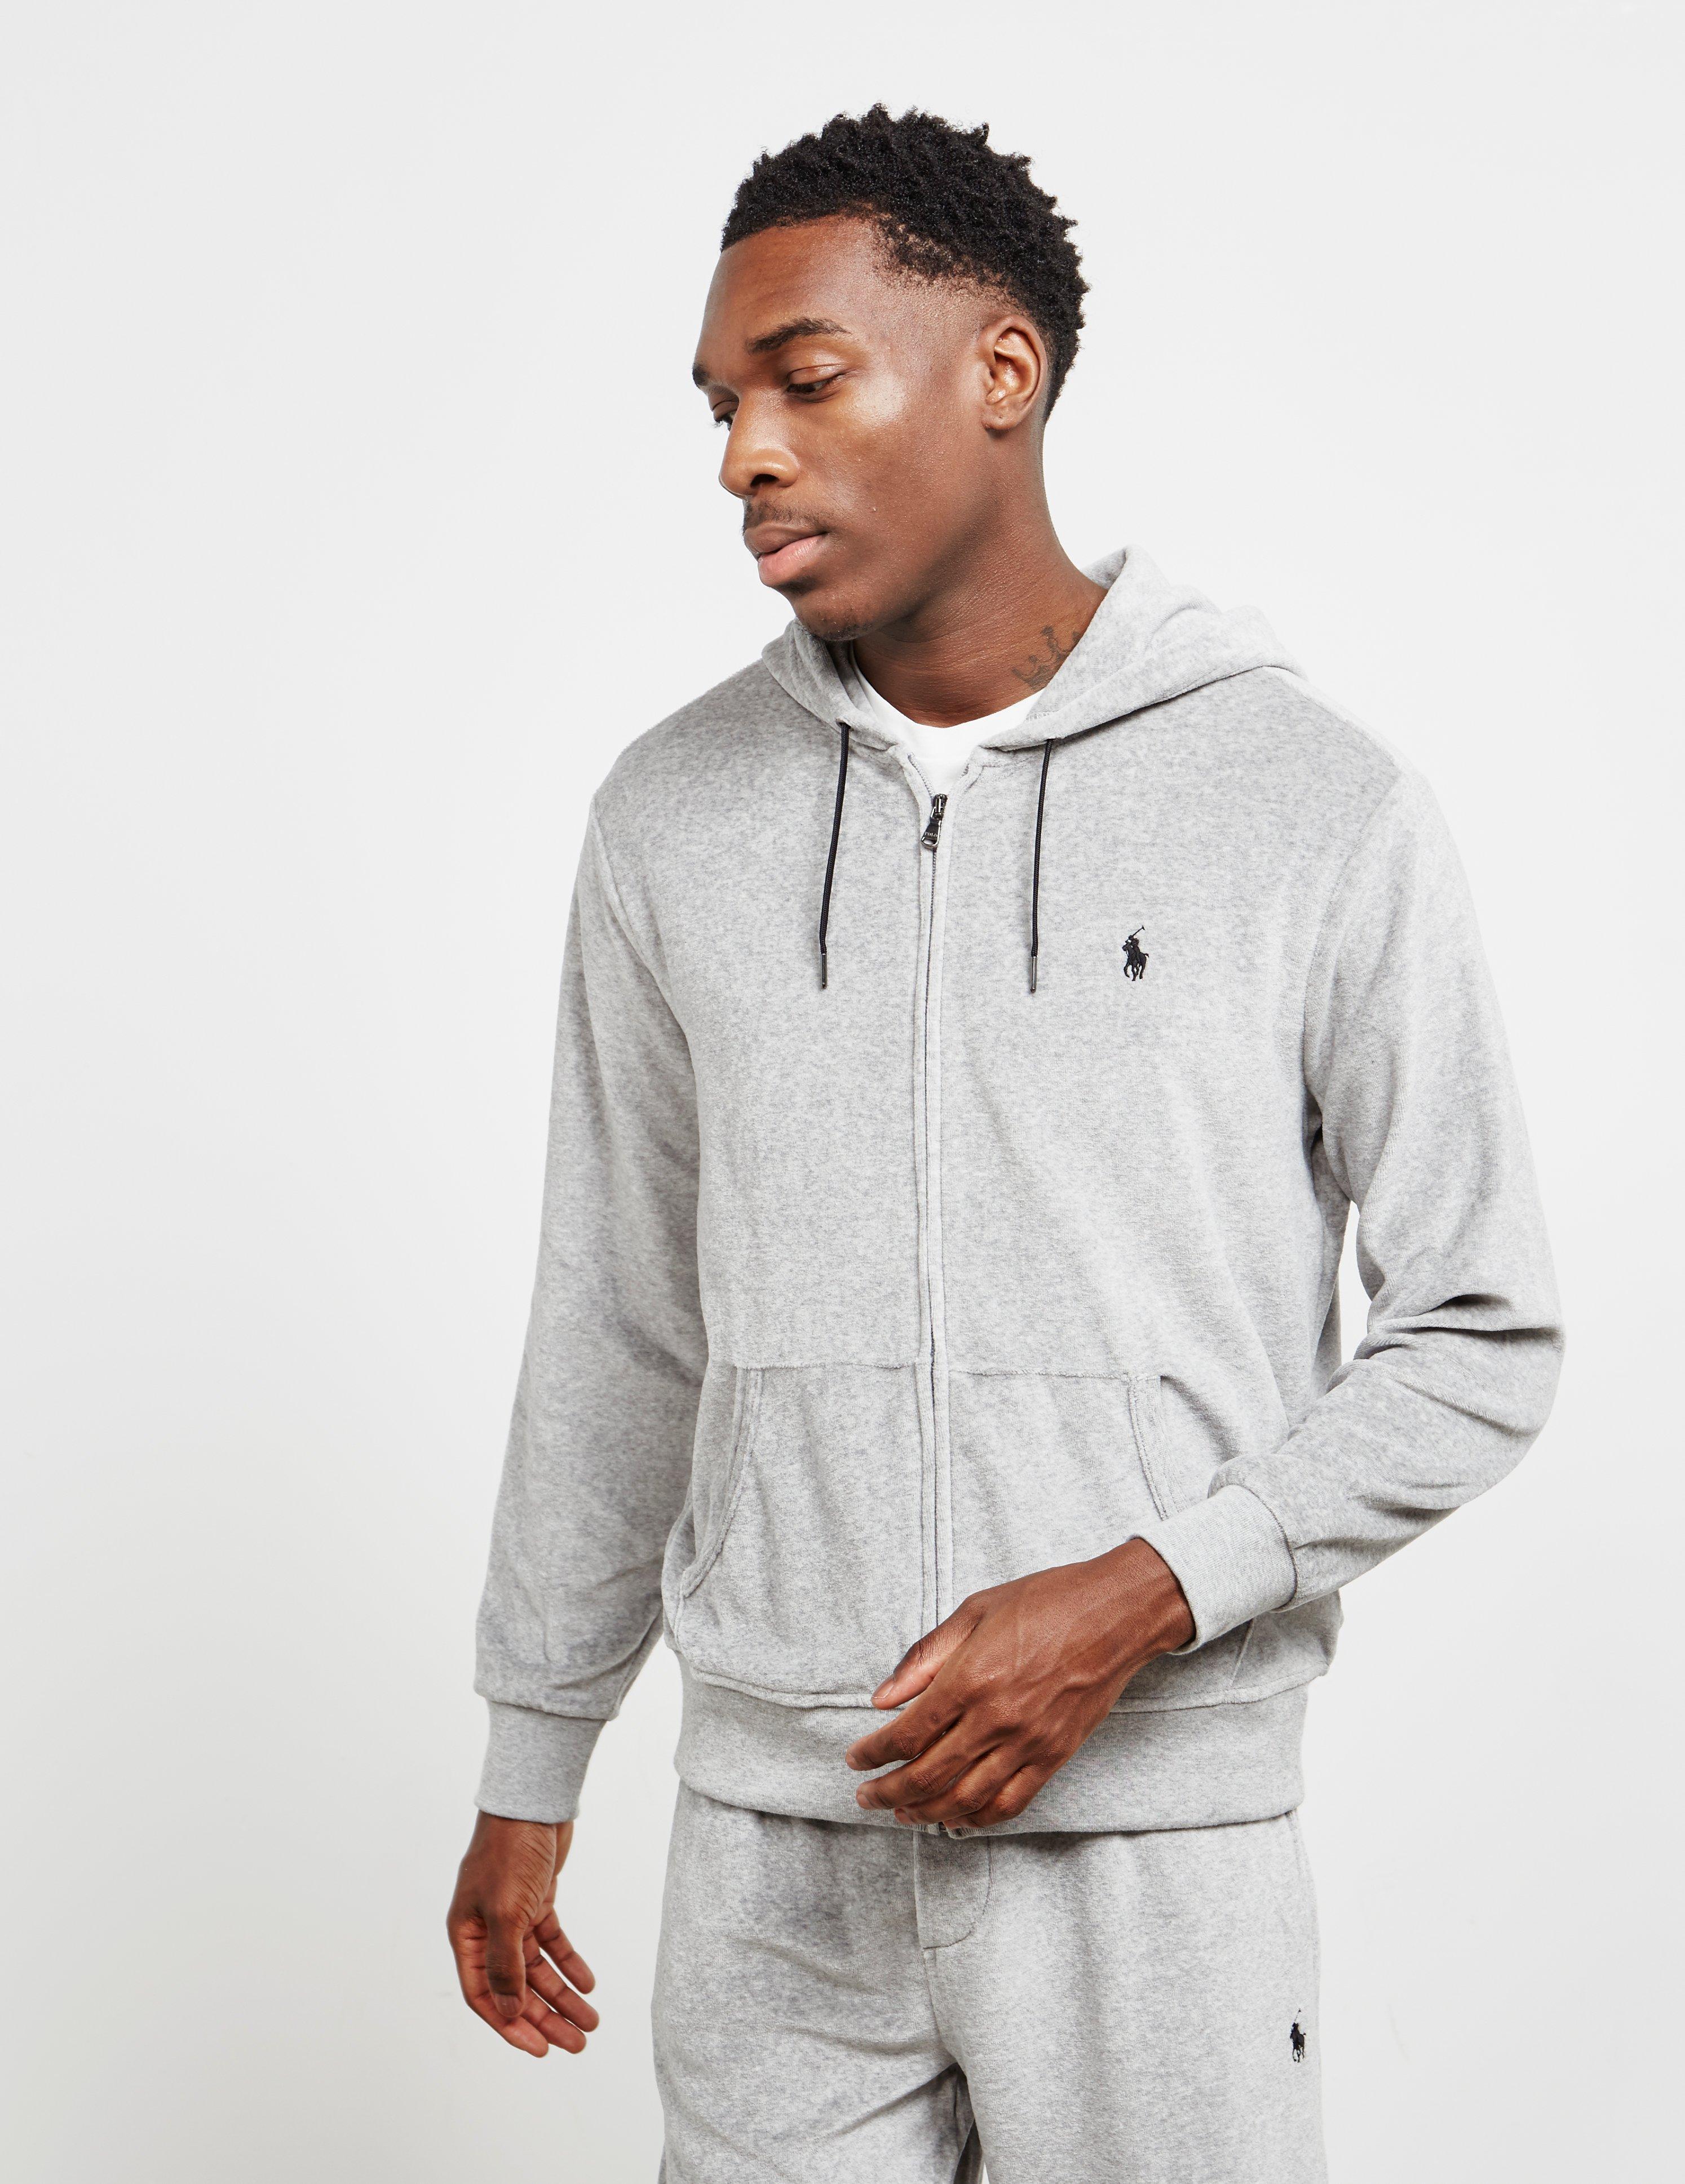 ef2557531 Polo Ralph Lauren Velour Full Zip Hoodie Grey in Gray for Men - Save 32% -  Lyst